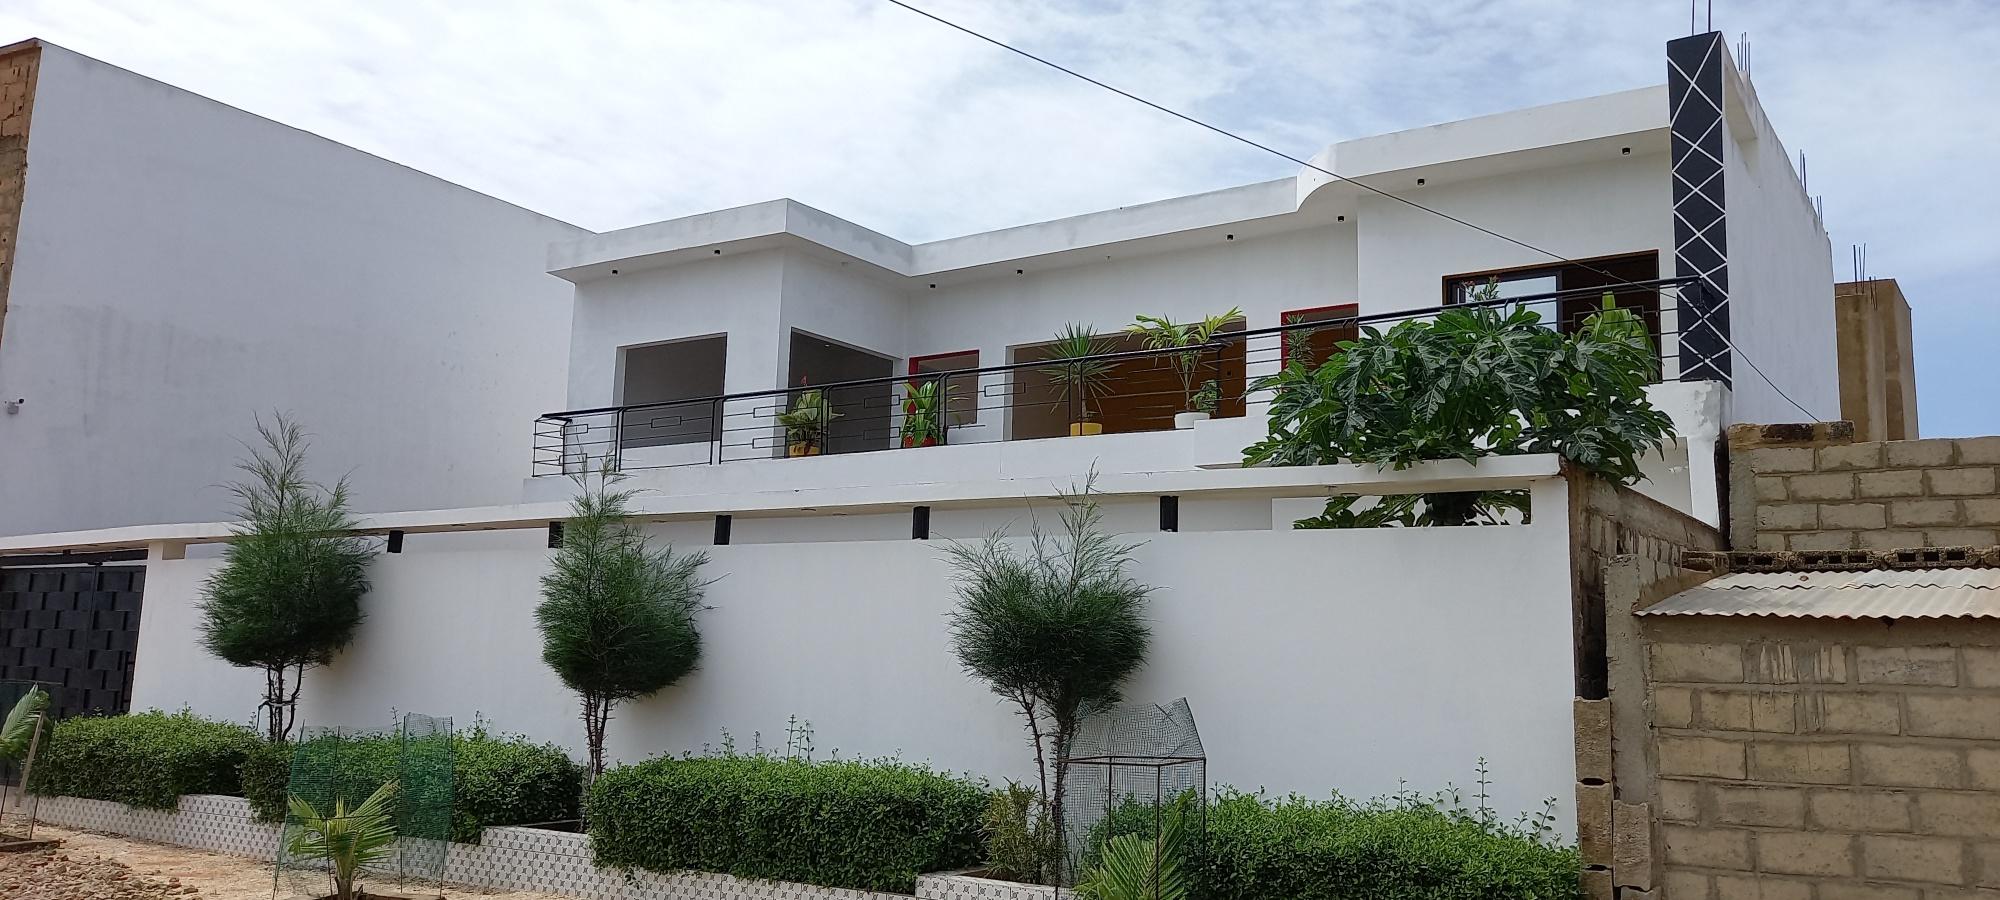 V2804 Villade4chambres en vente à SALY chez www.immobilierlalagnue.com